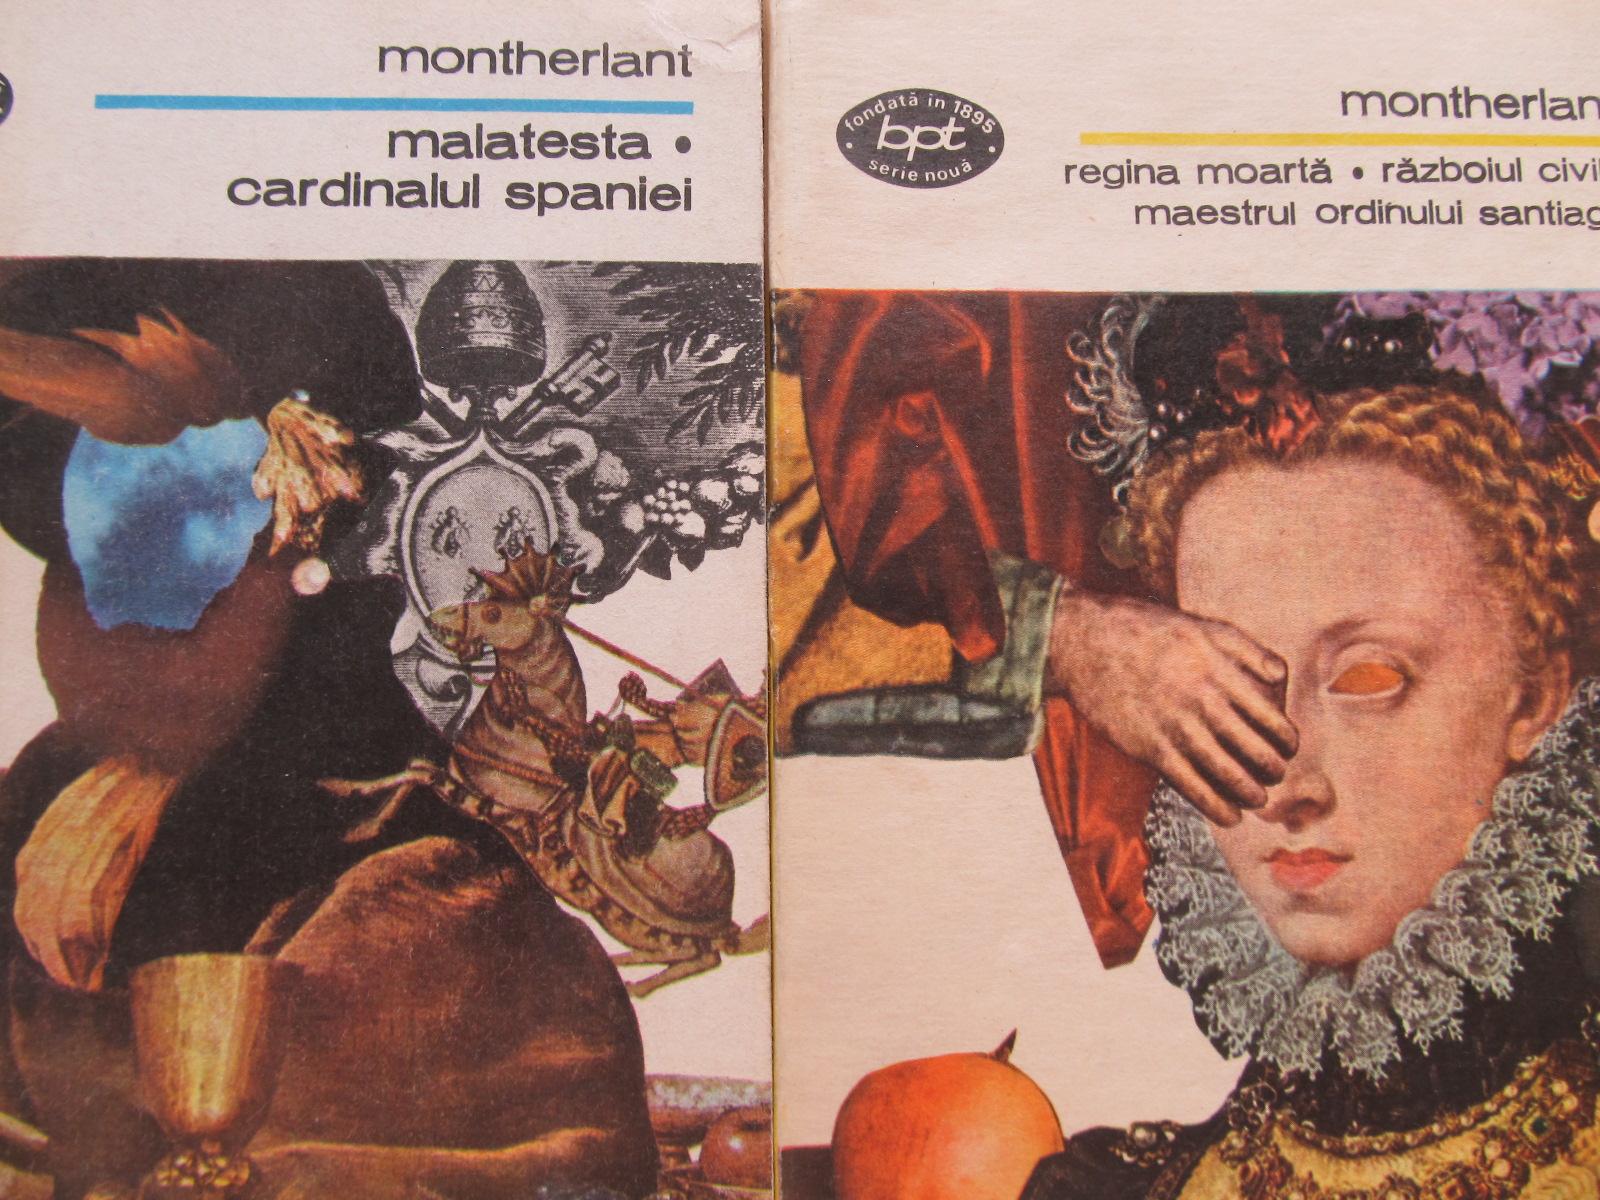 Regina moarta.Razboiul civil.Maestrul ordinului Santiago-Malatesta.Cardinalul Spaniei (2 vol.) - Henry de Montherlant | Detalii carte